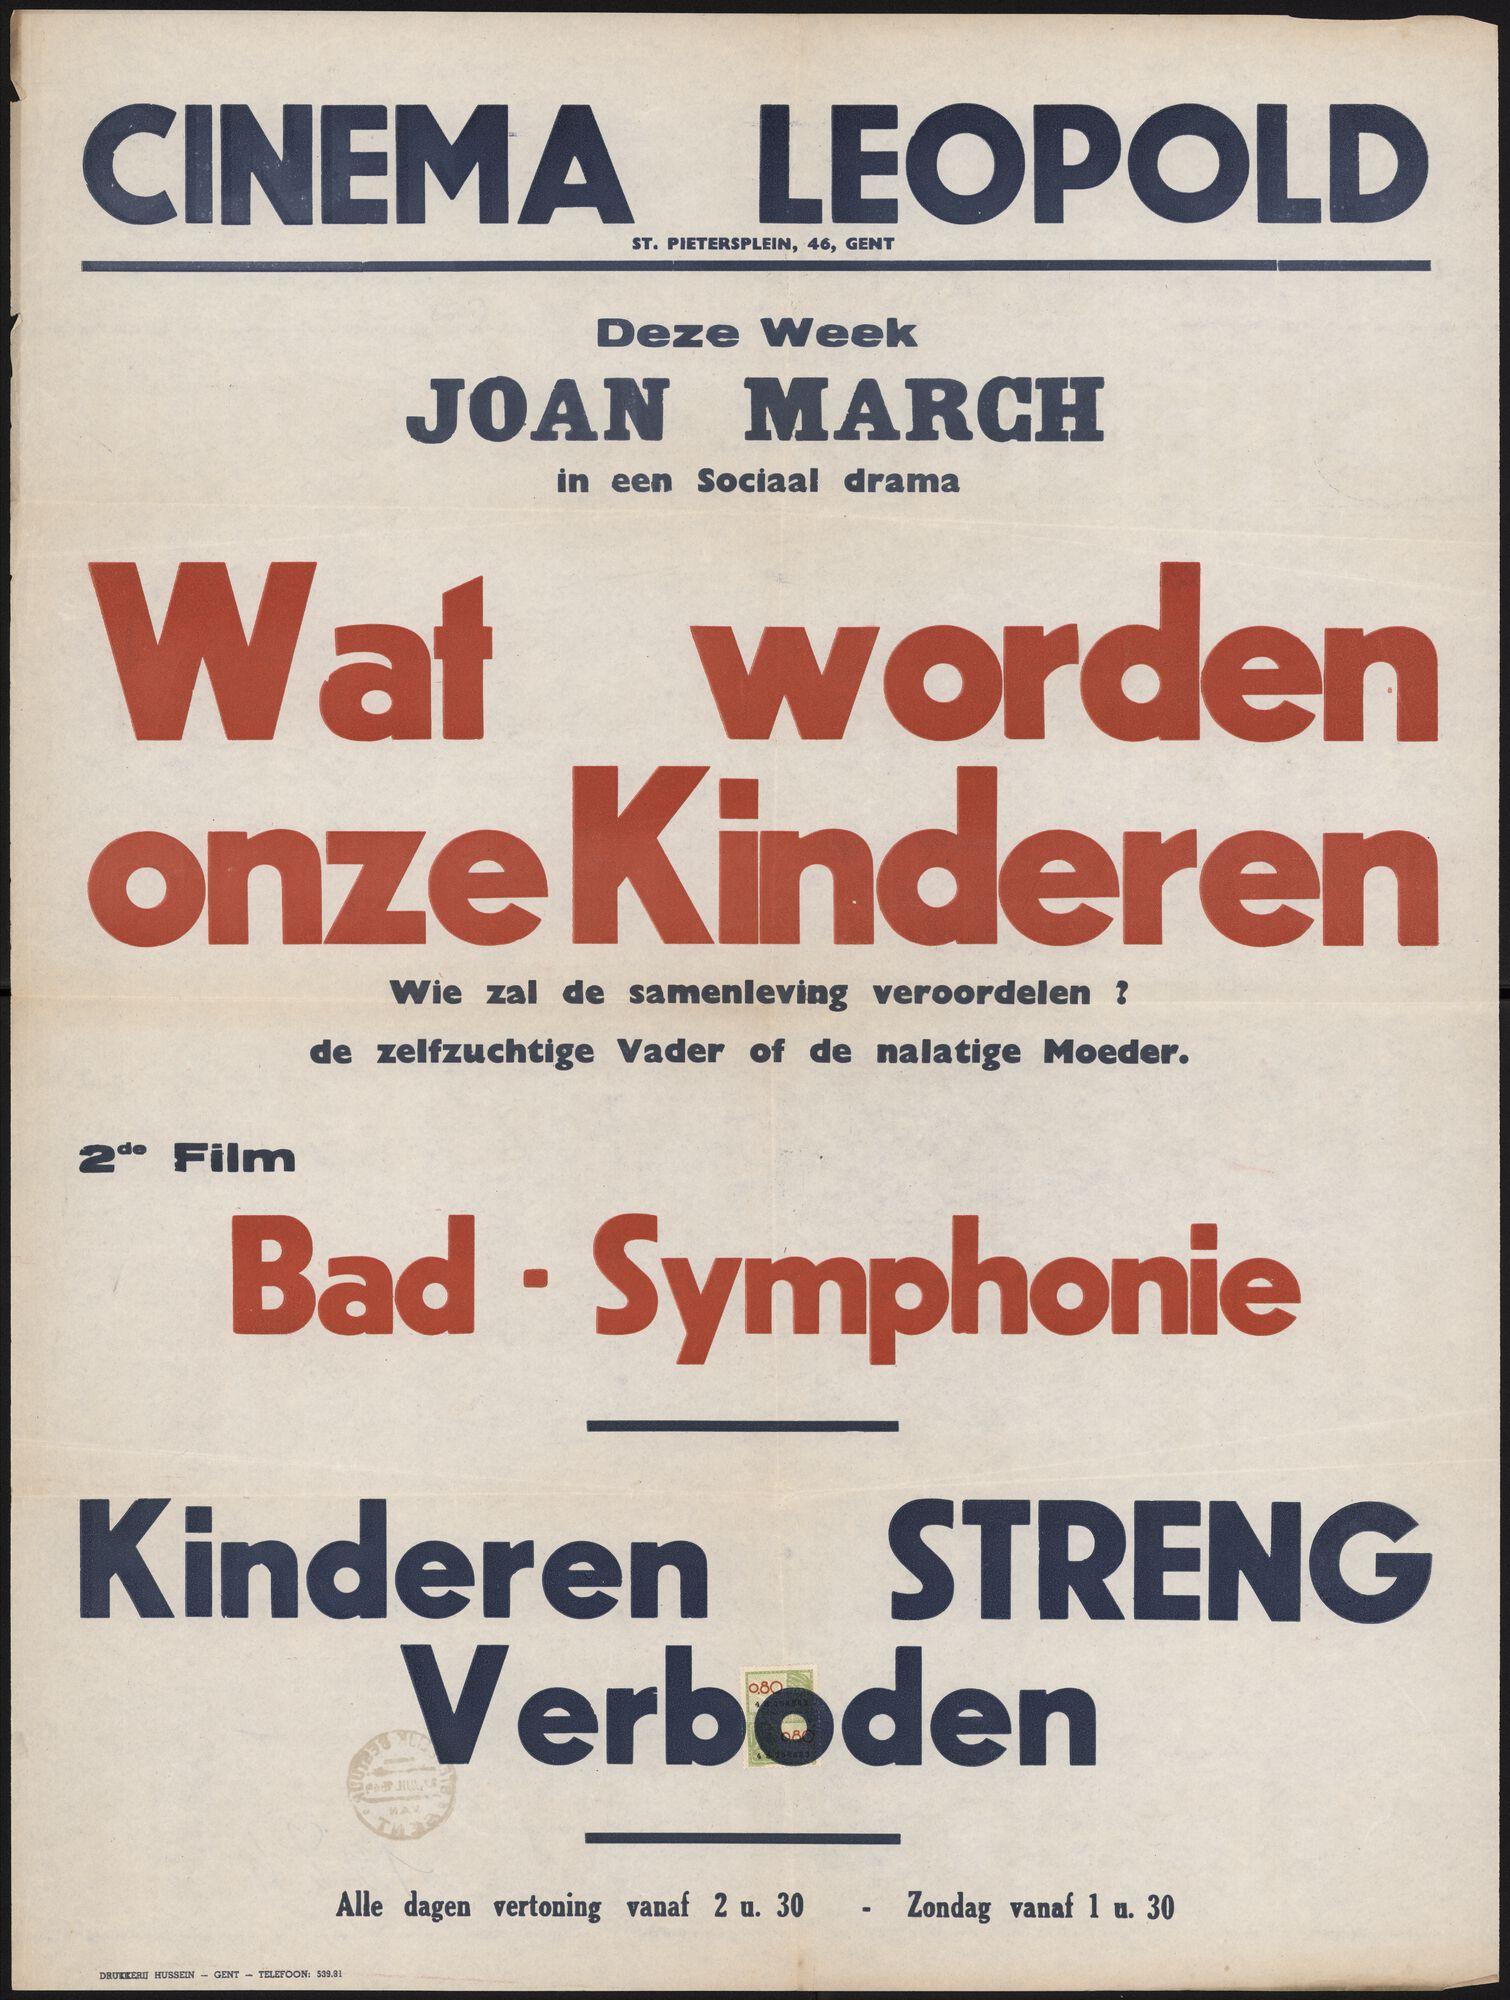 Wat worden onze kinderen (film 1), Bad-Symphonie (film 2), Cinema Leopold, Gent, juli 1948